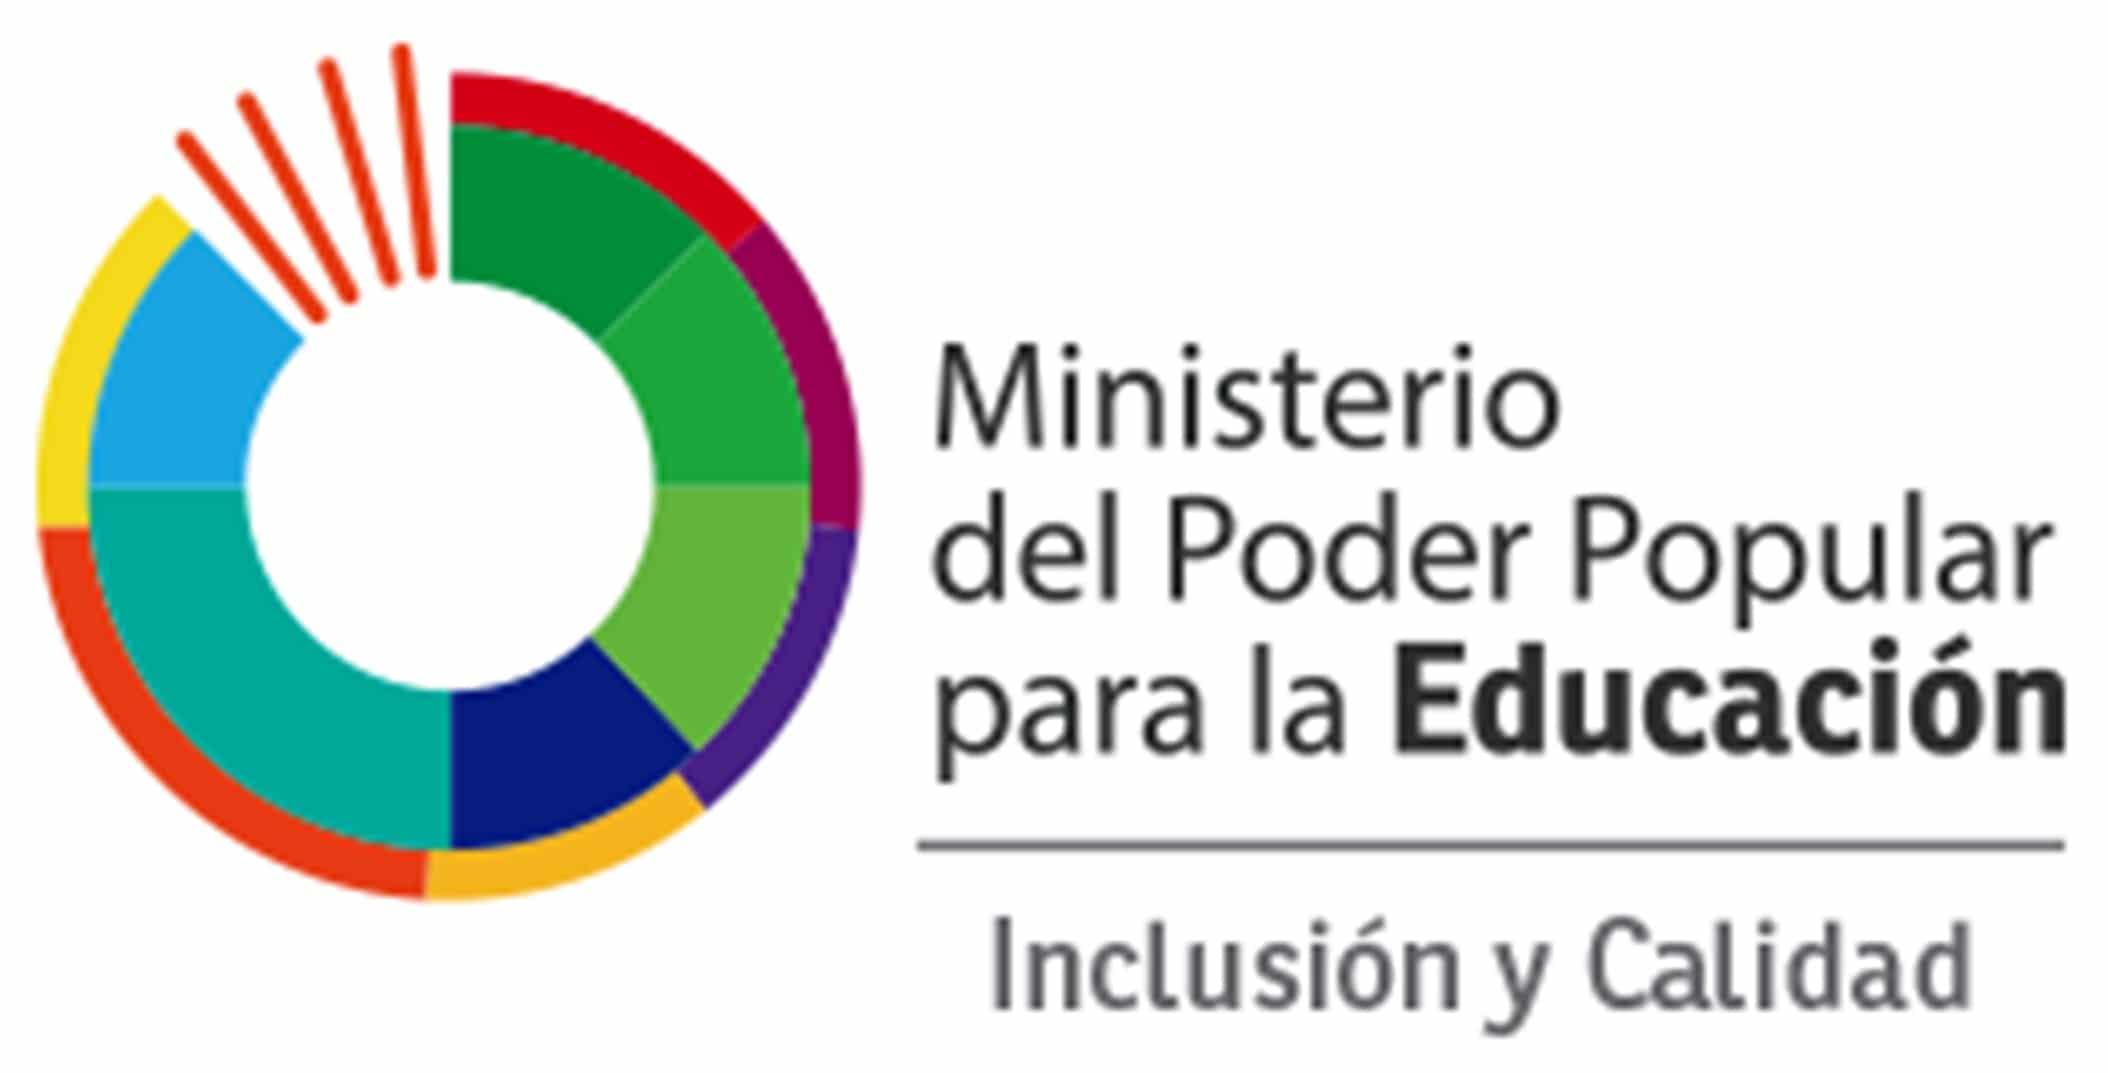 constancia de trabajo ministerio de educacion